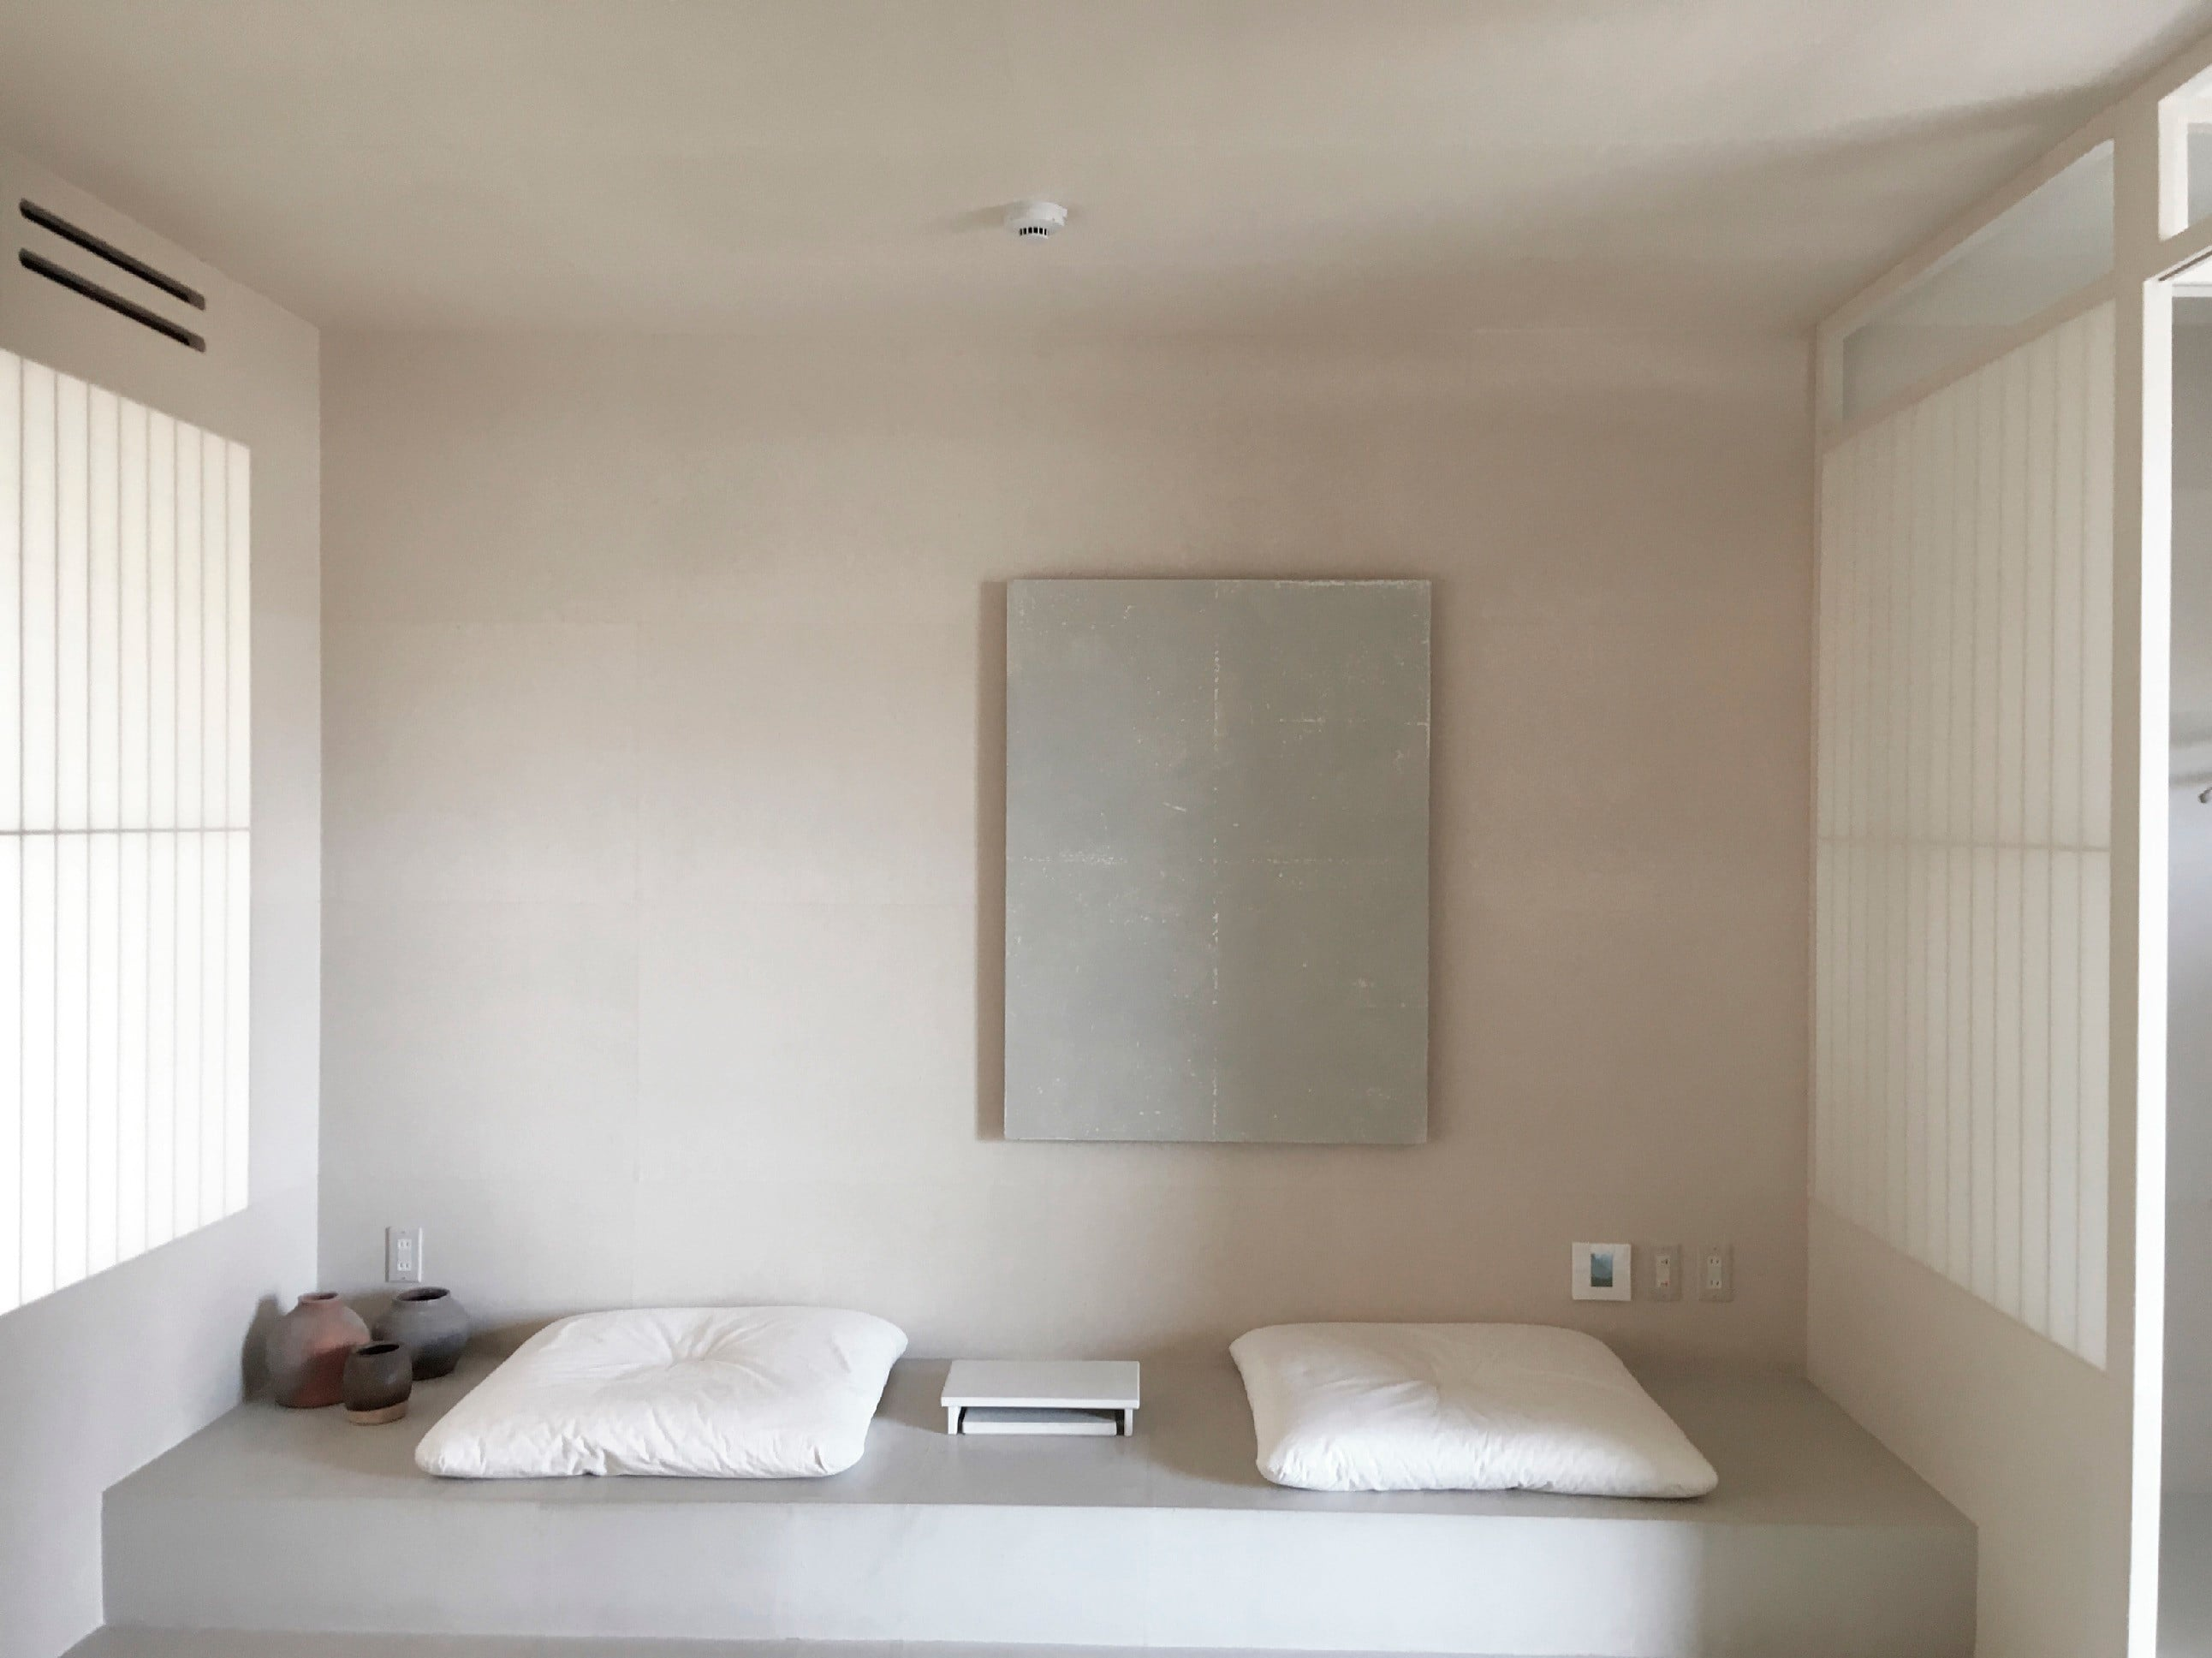 昭和38年に広島県尾道市・千光寺山の中腹に先進的な山の手のアパートメントとして誕生した「新道アパート」が、 「LOG (ログ)– Lantern Onom ichi Garden- 」として生まれ変わった。その施工を手掛けたのがハタノだった。宿泊施設、カフェとして、またギャラリーやショップなどが備わっている。